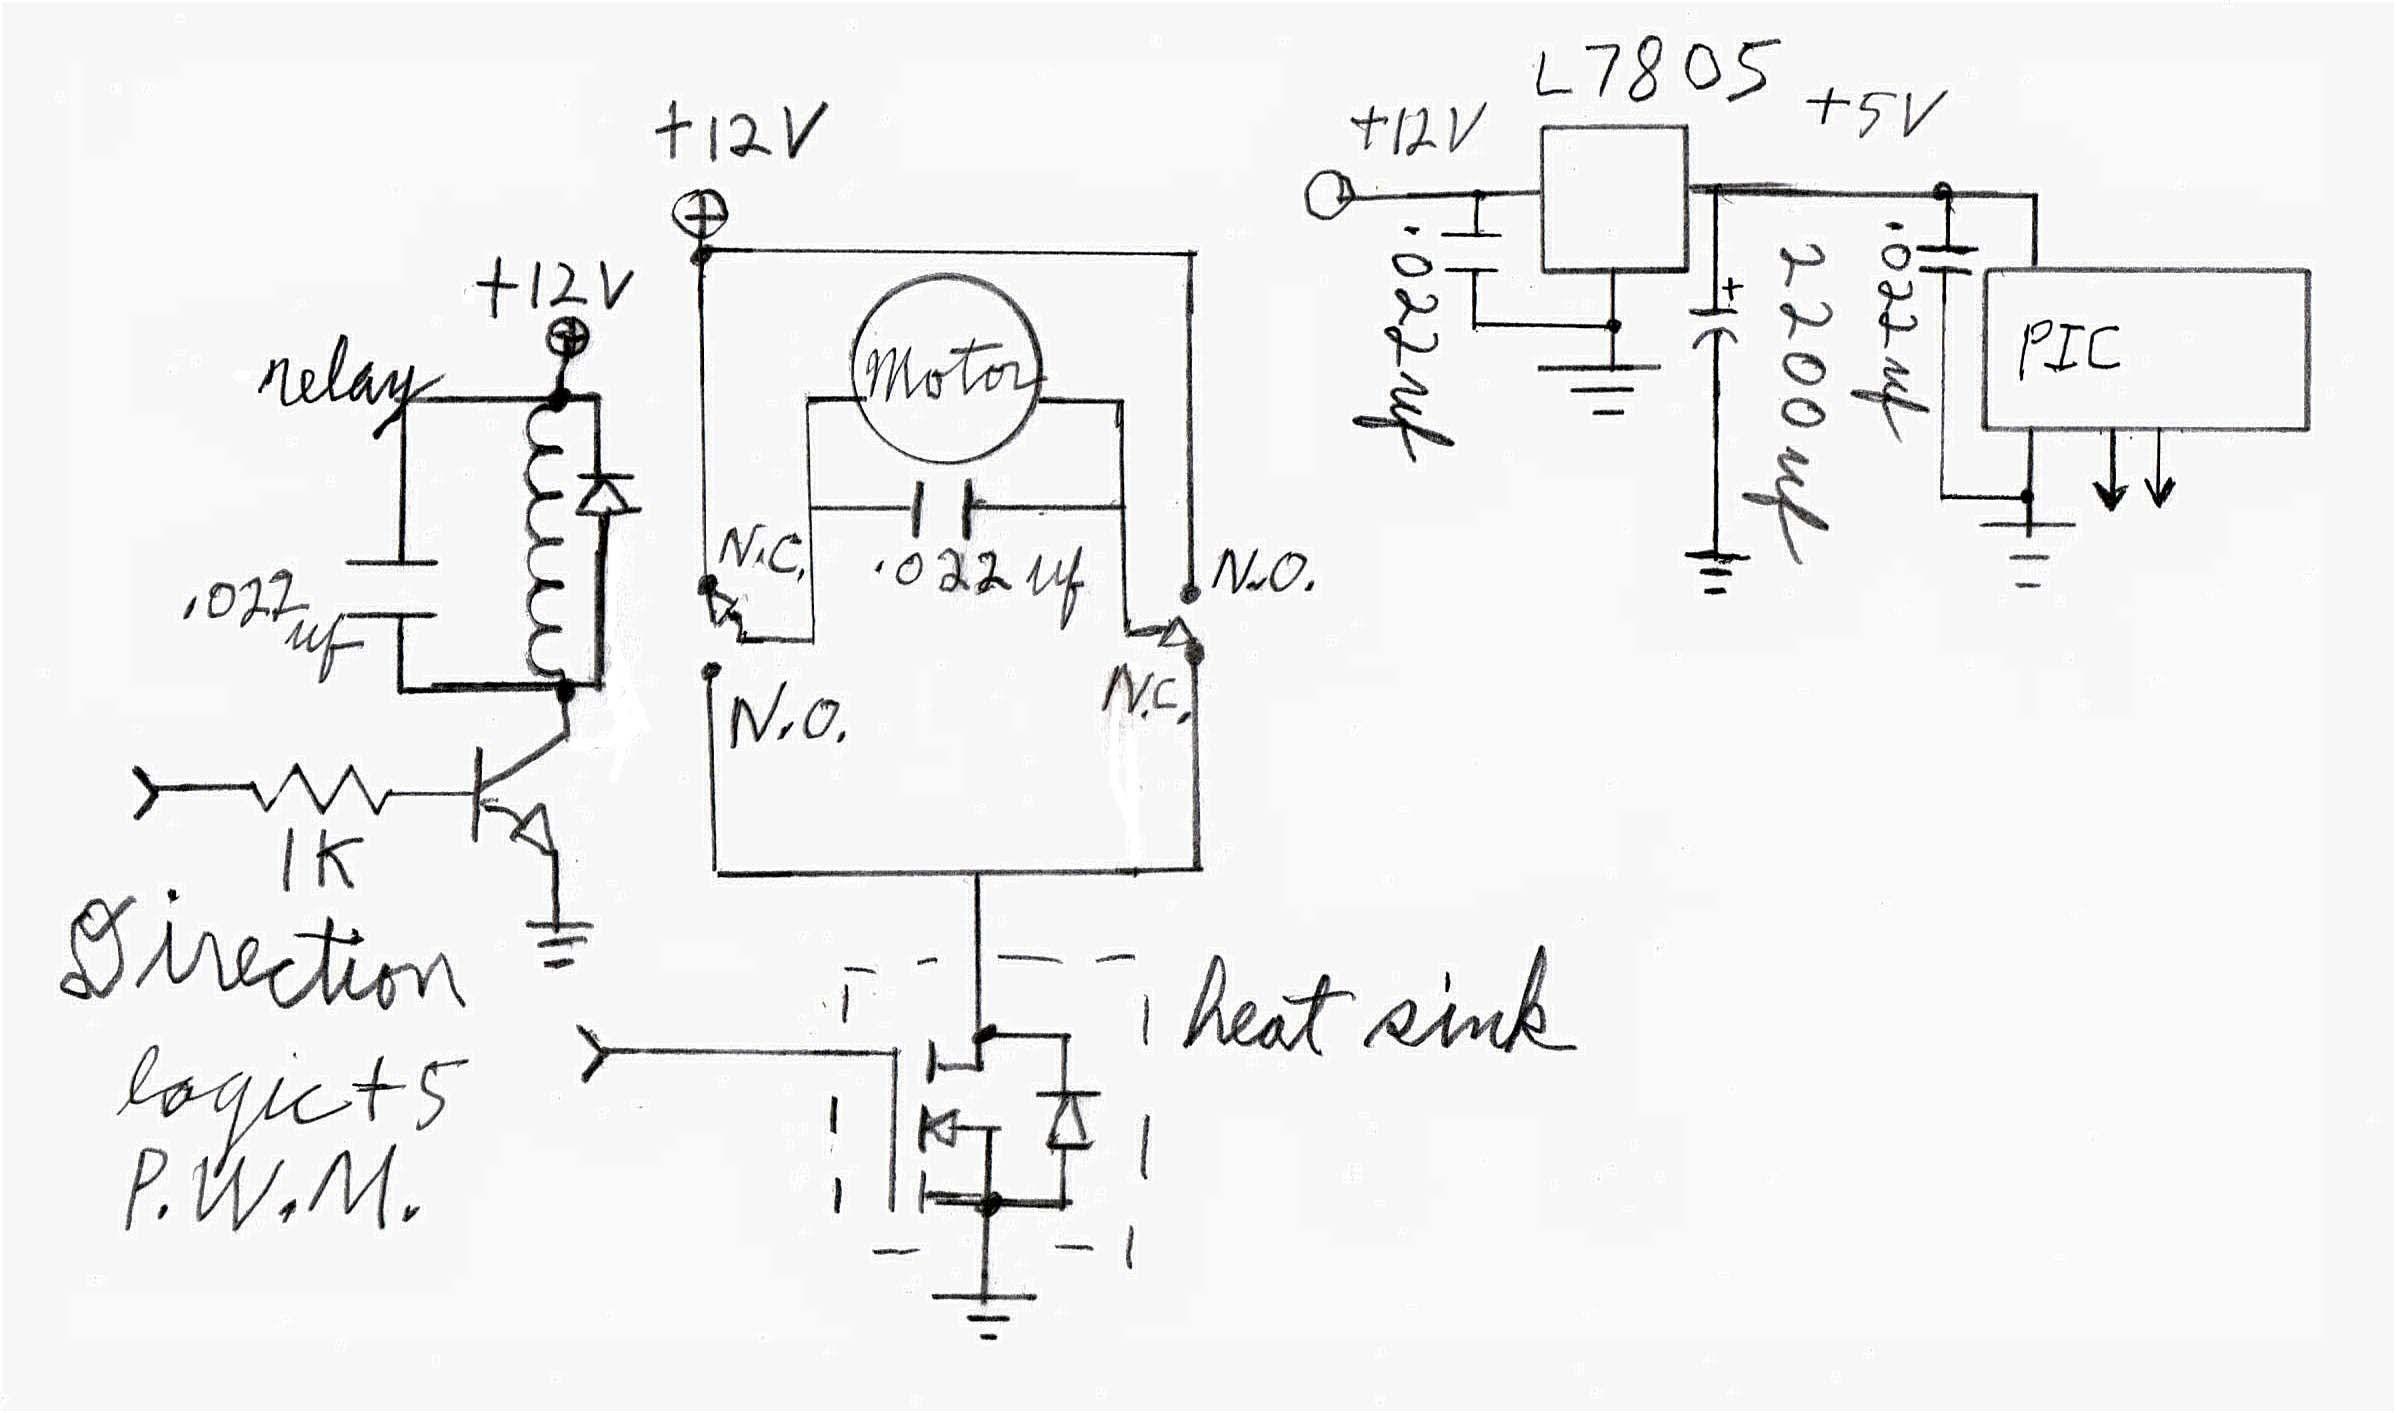 Unique Wiring Diagram for 12v Auto Relay Diagram, Relay